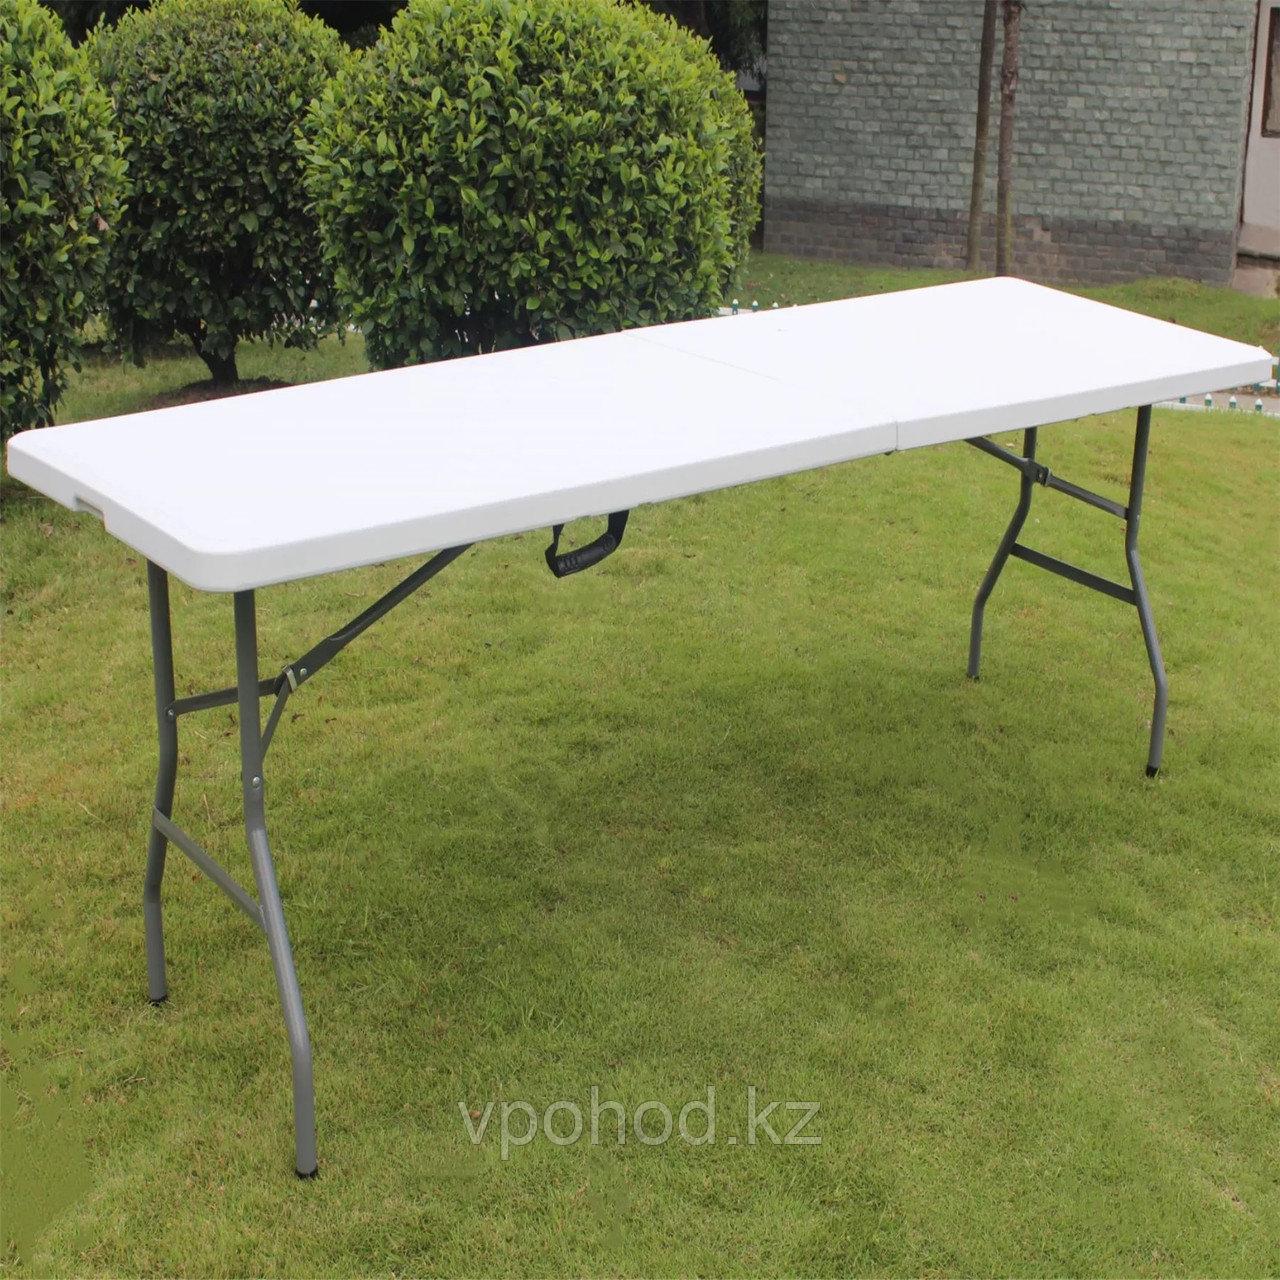 Стол складной пластиковый 150 см